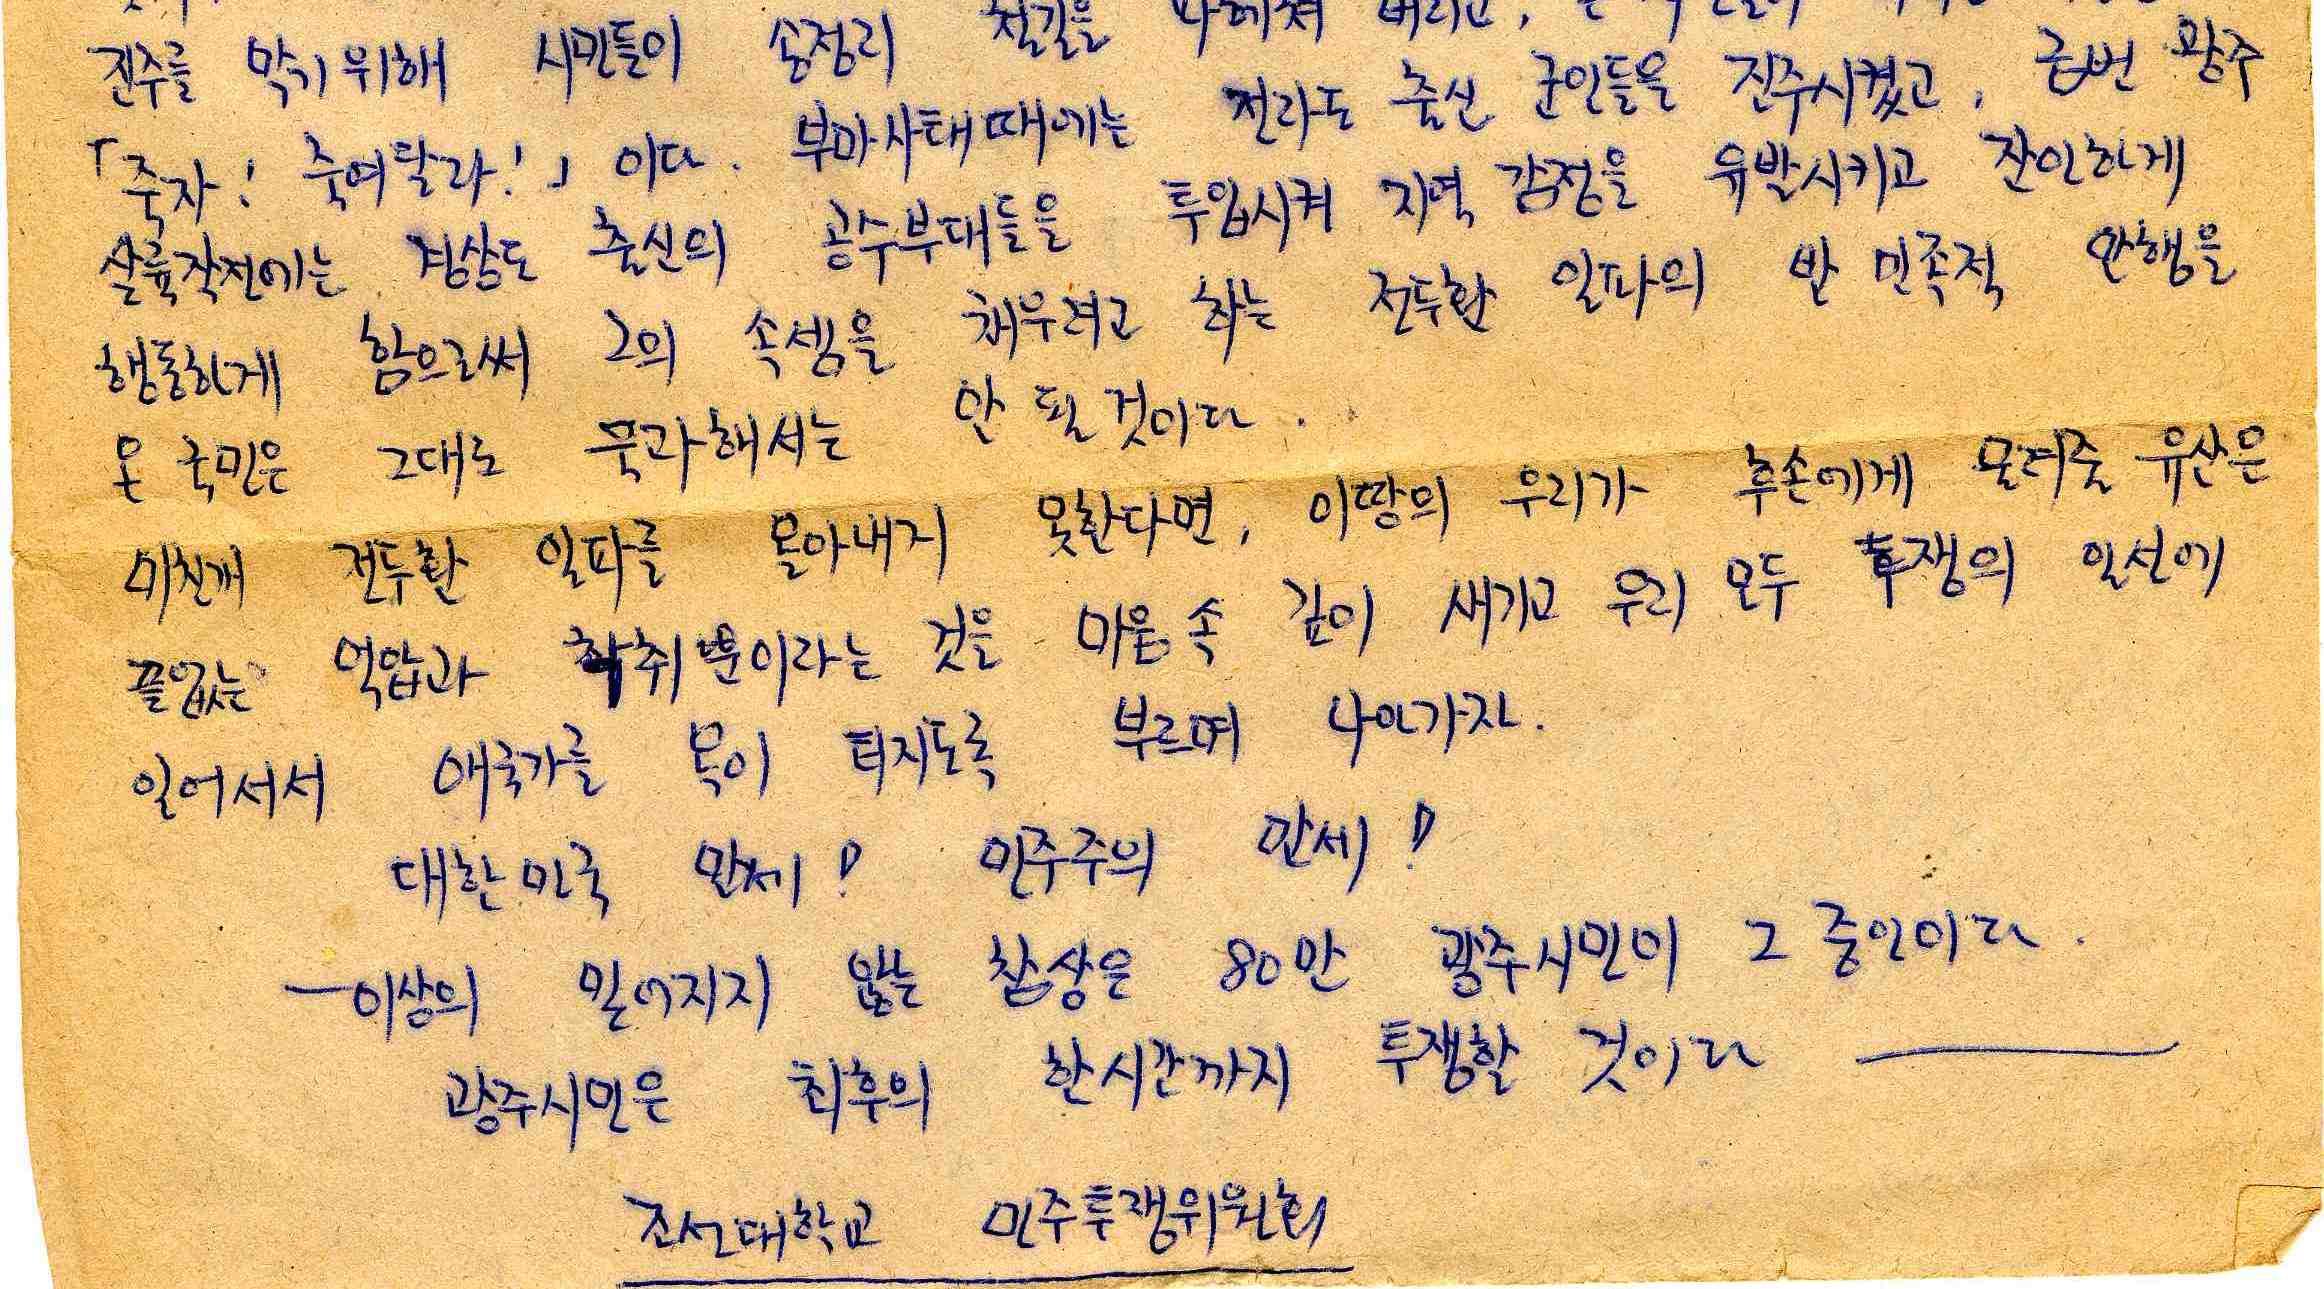 북한 지령으로 작성된 5.18 성명서